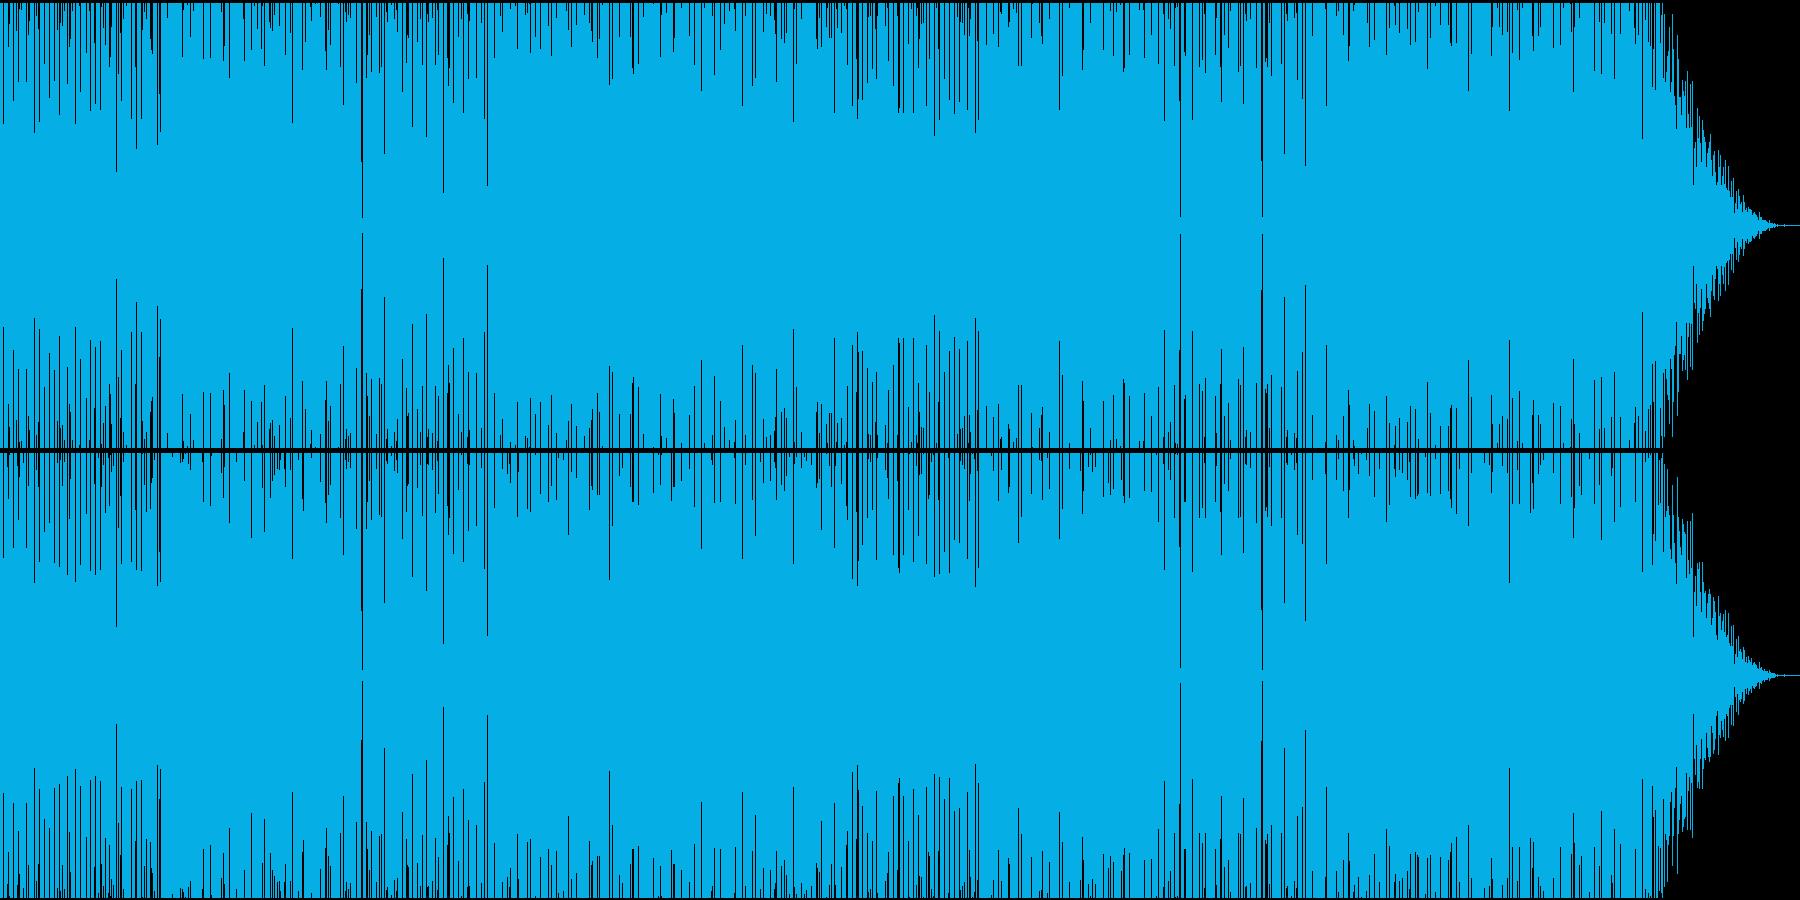 物悲しいシンセサイザーが特徴のBGMの再生済みの波形